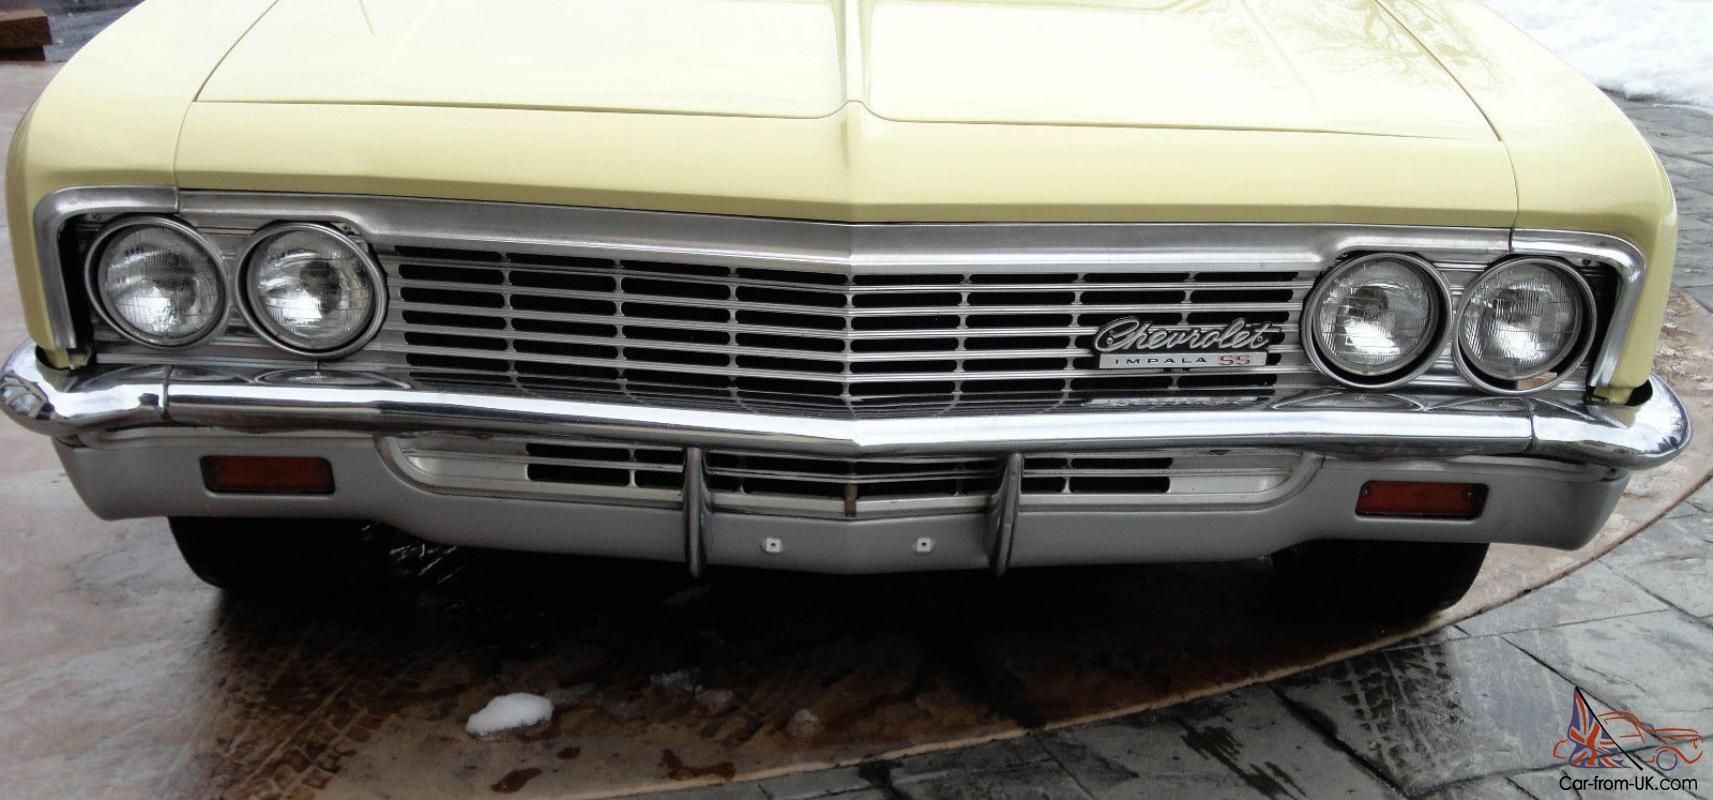 Impala 99 chevy impala : Chevy Impala SS Lowered